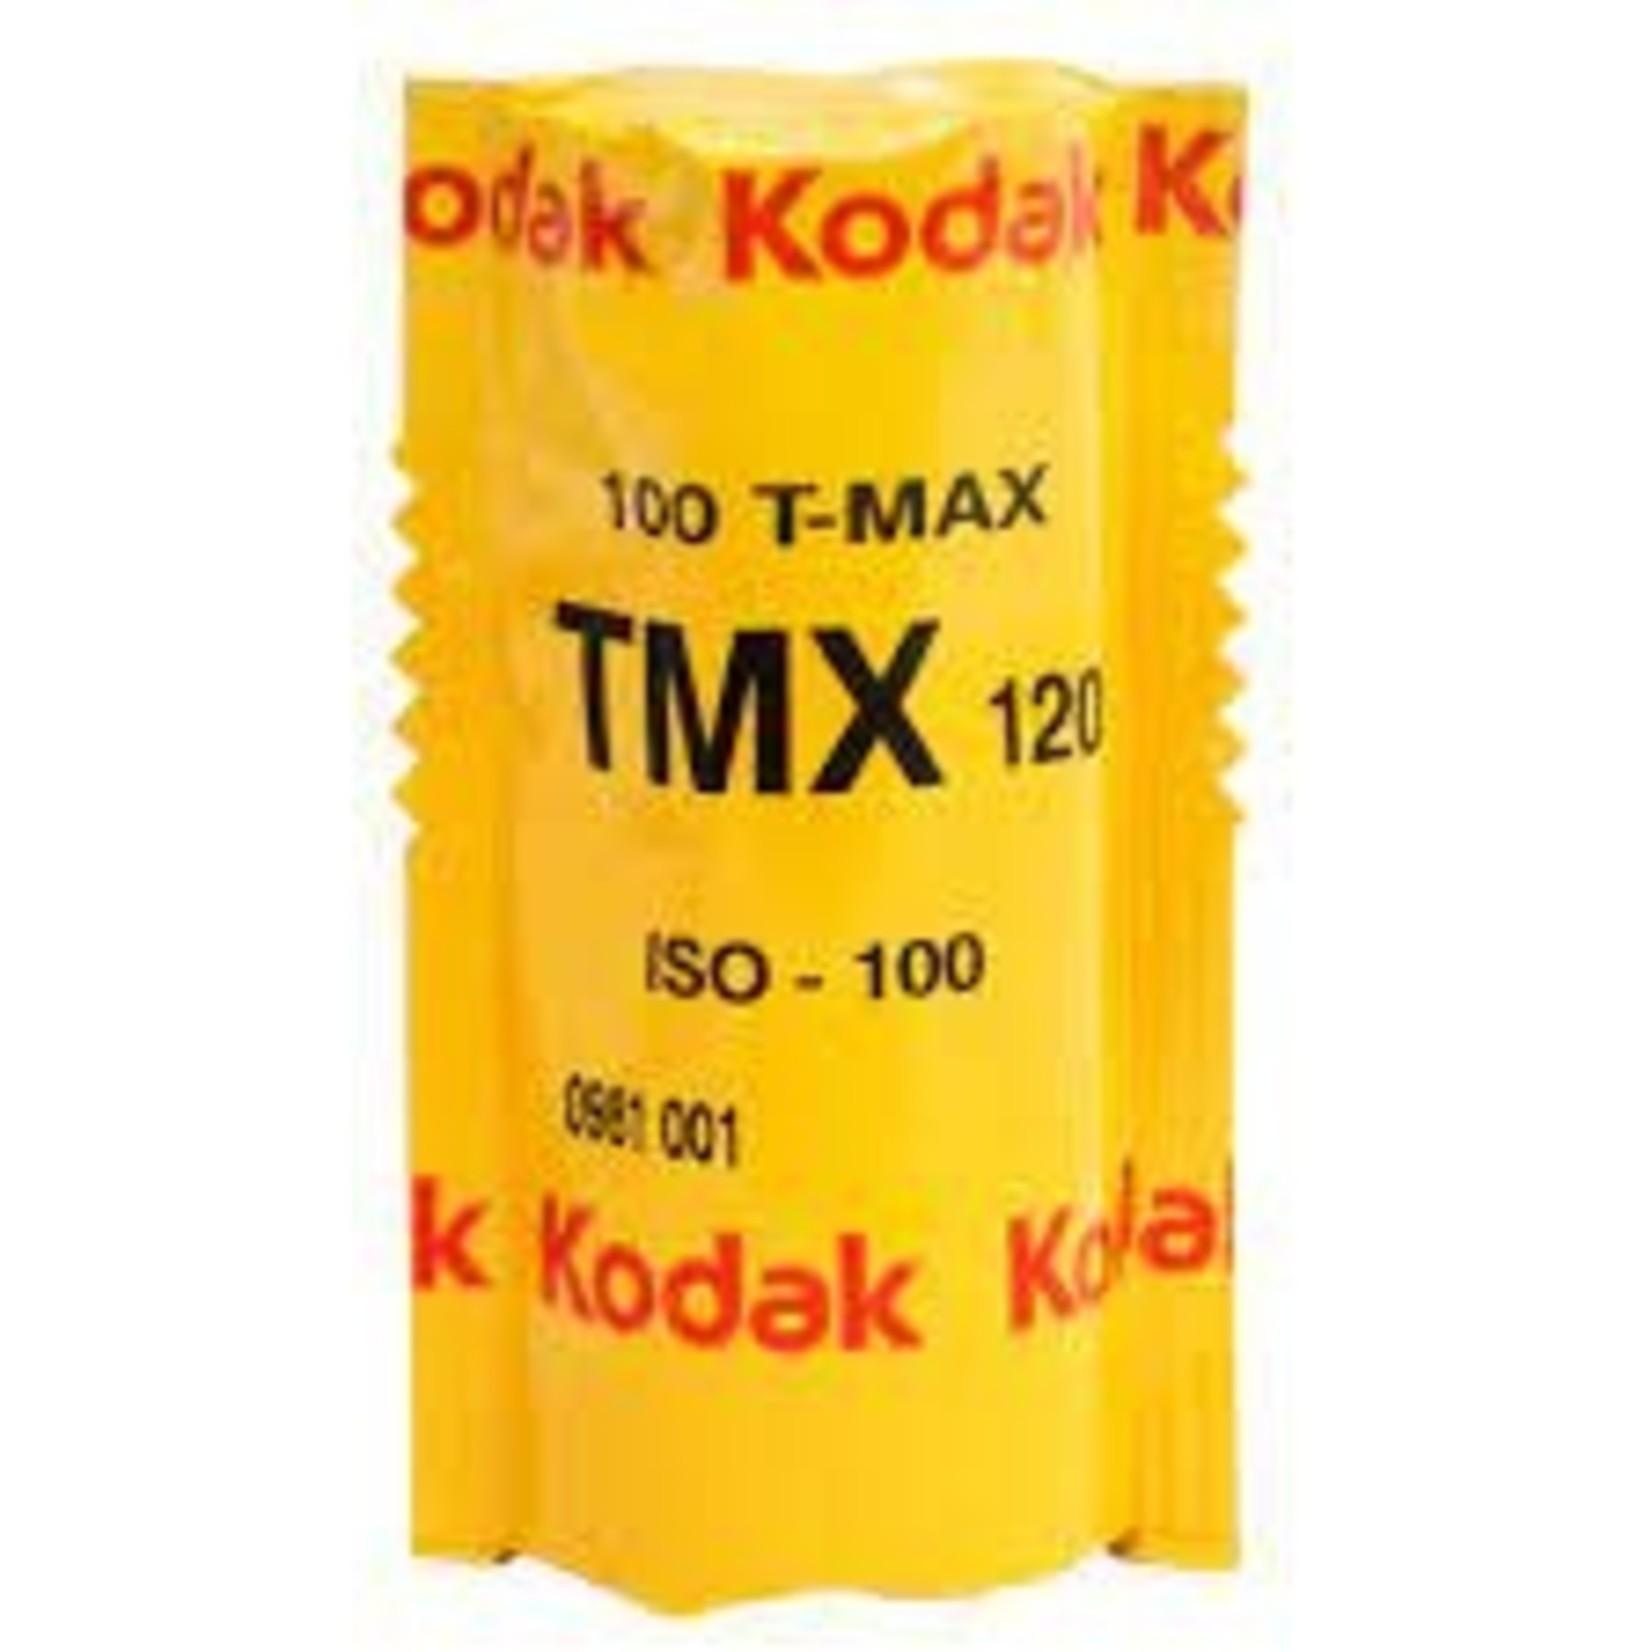 Kodak Kodak Professional T-Max 100 Black and White Negative Film 120 Roll Film